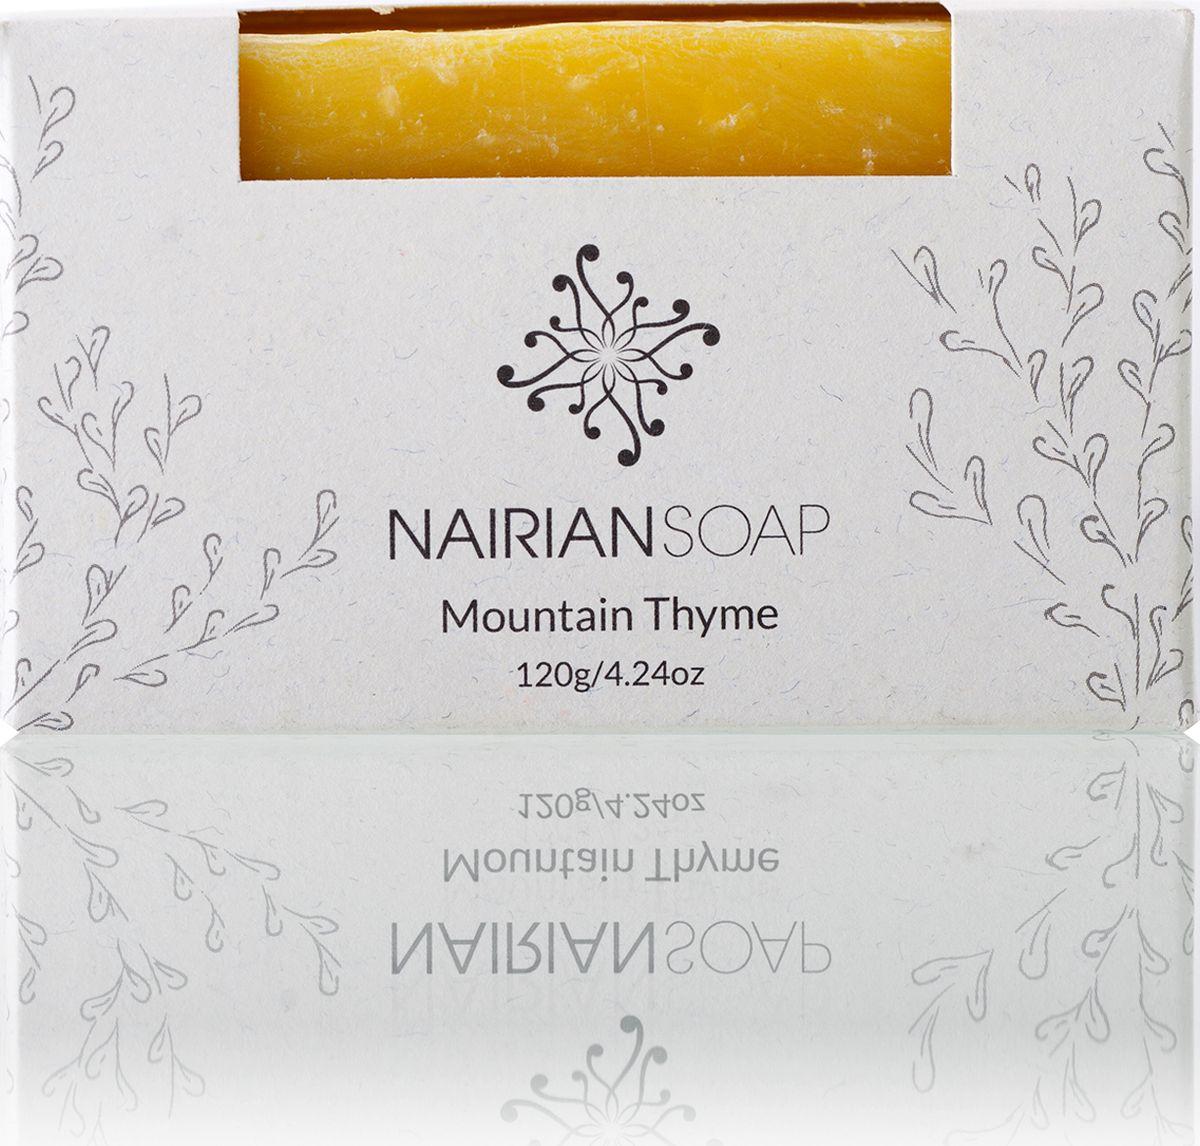 Nairian Мыло, горный тимьян, 120 гBSSMT-01-0120Творит чудеса со смешанной и жирной типами кожи. Главный ингредиент – эфирное масло дикого чабреца, обладающее сильными антибактериальными свойствами и борющееся с акне. При использовании в горячем душе испаряющееся масло чабреца раскрывает носовой проход и помогает прочистить их от легких респираторных инфекций. Подходит для всего тела, рекомендуется для горячего душа при первых симптомах гриппа или простуды.